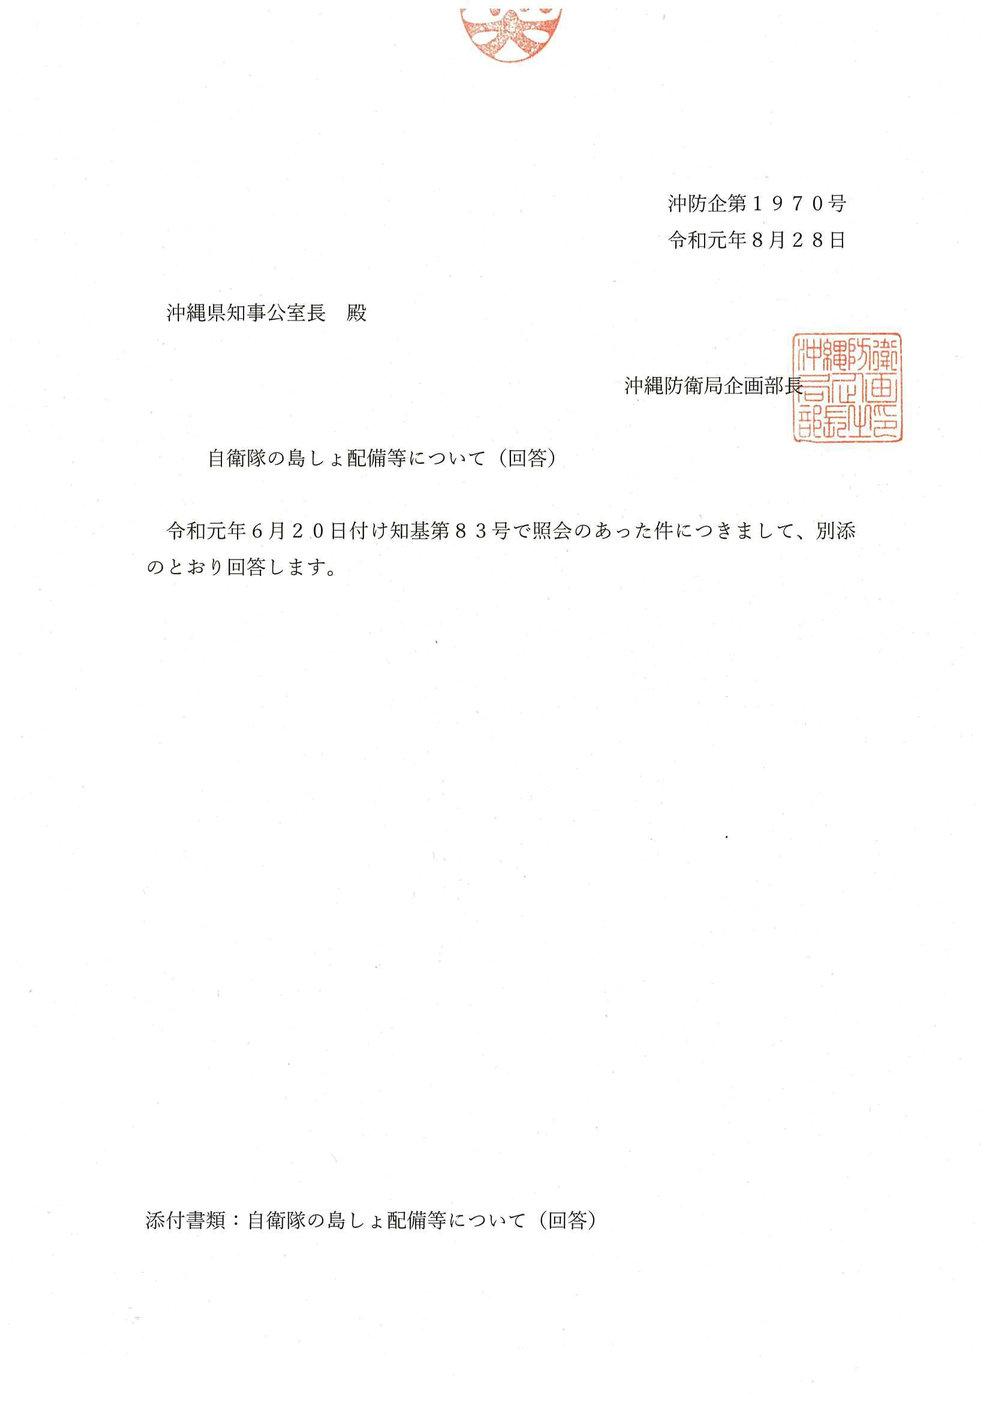 1970号 自衛隊の島しょ配備等について(回答)0001[1]